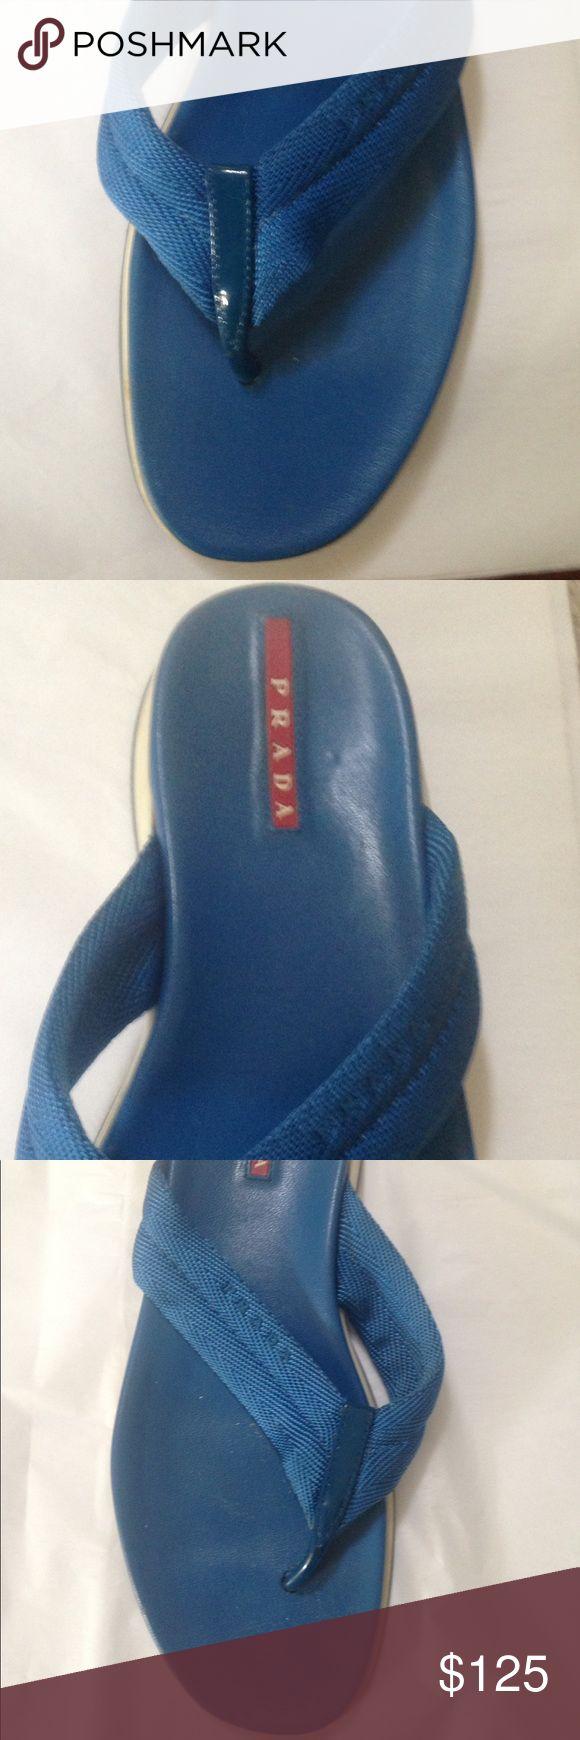 PRADA blue white flip flops sz 7.5 PRADA blue white flip flops sz 7.5 Prada Shoes Flats & Loafers